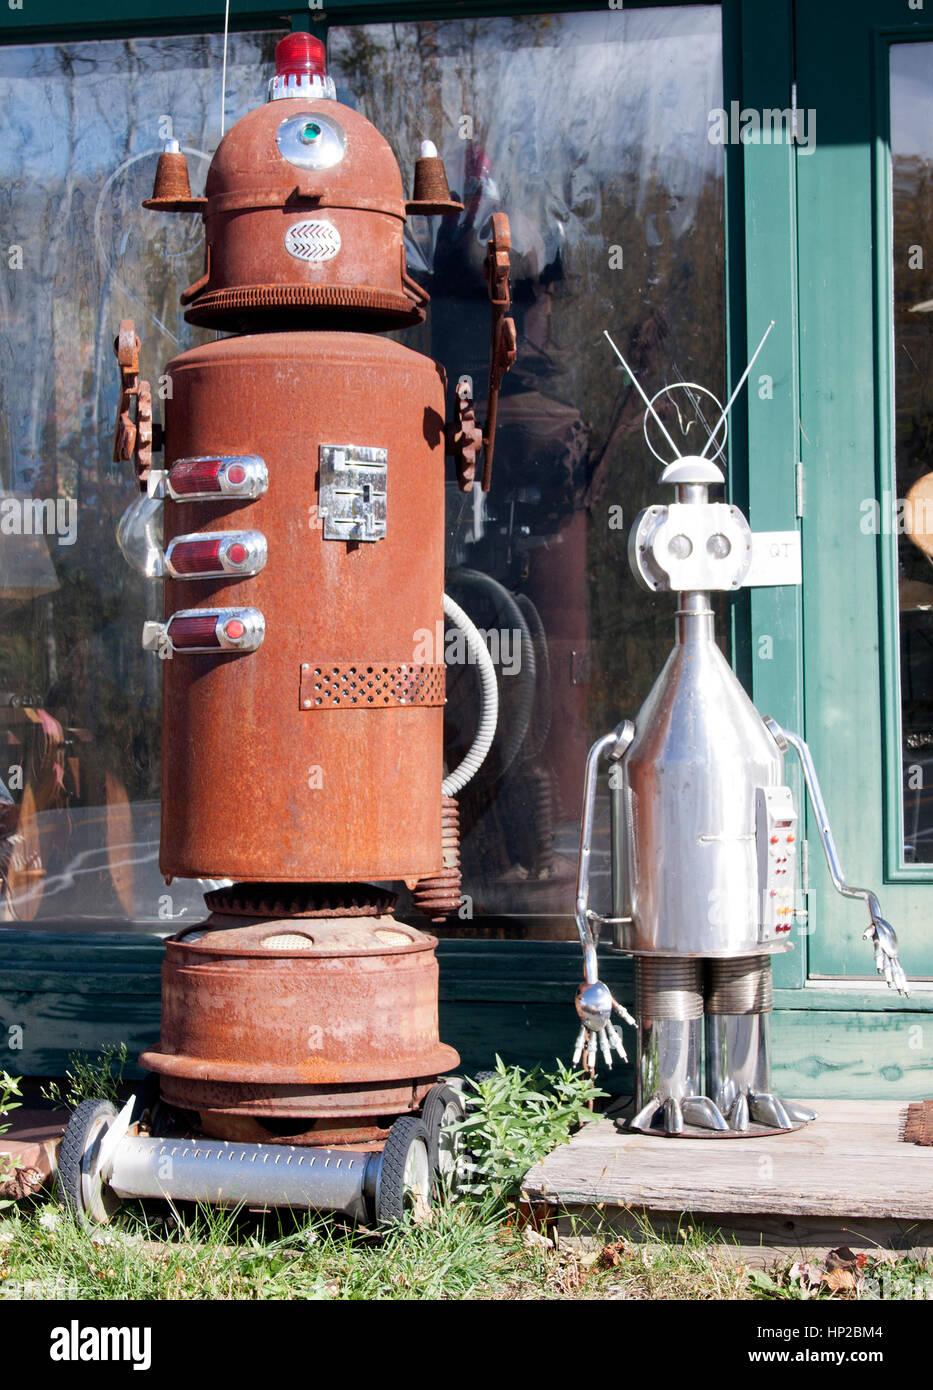 Steve Heller folk art like these robots in Boiceville New York. - Stock Image